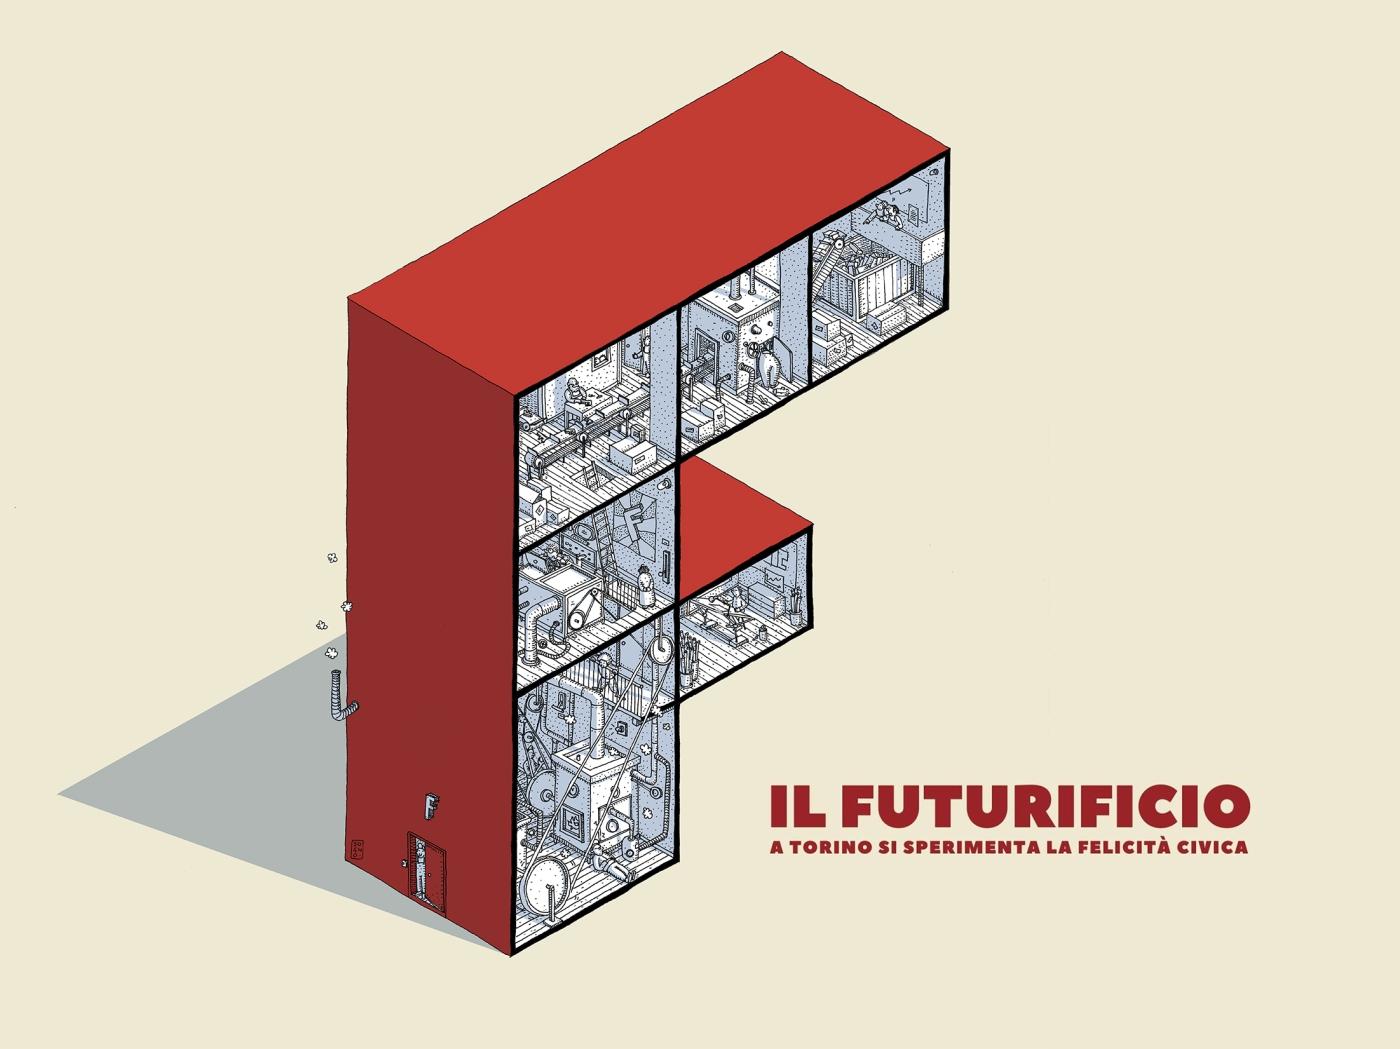 Il Futurificio